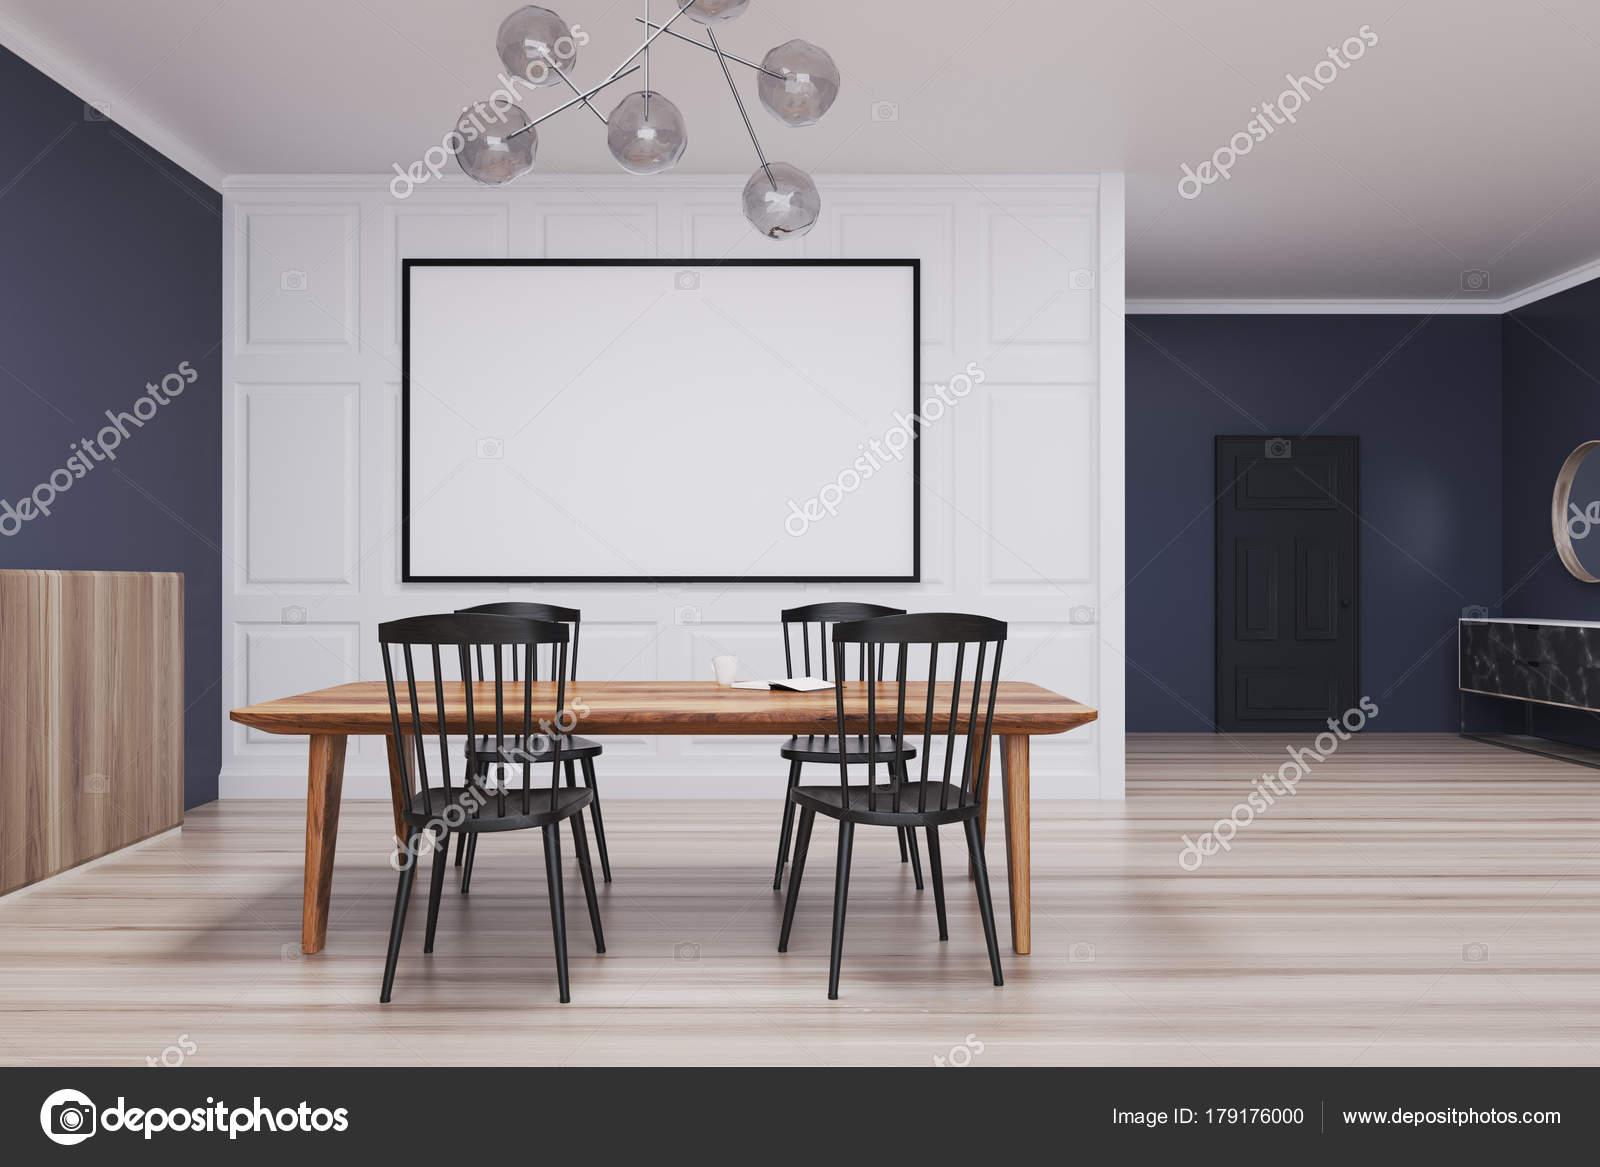 Esszimmer Vorhaenge Modell : Blau und weiß esszimmer lange plakat u2014 stockfoto © denisismagilov